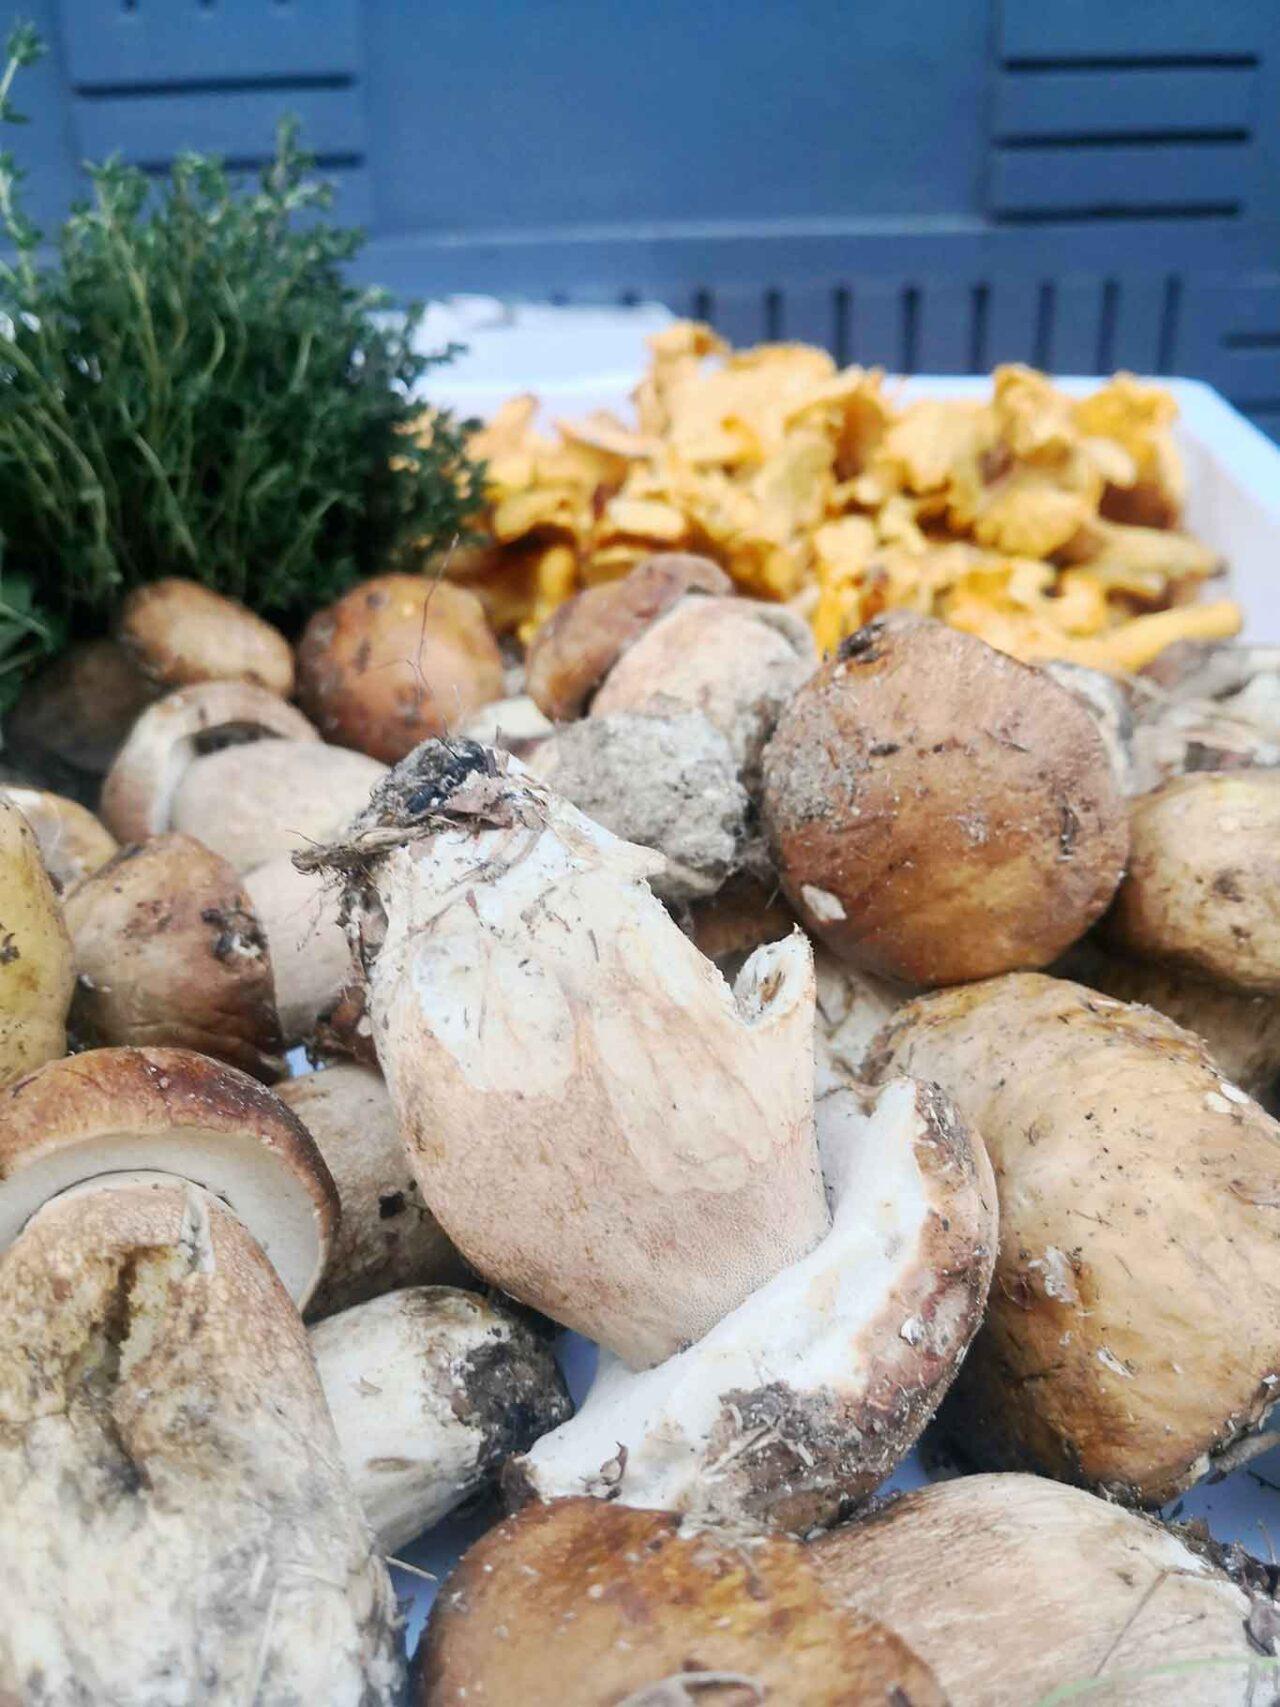 funghi porcini in Abruzzo: